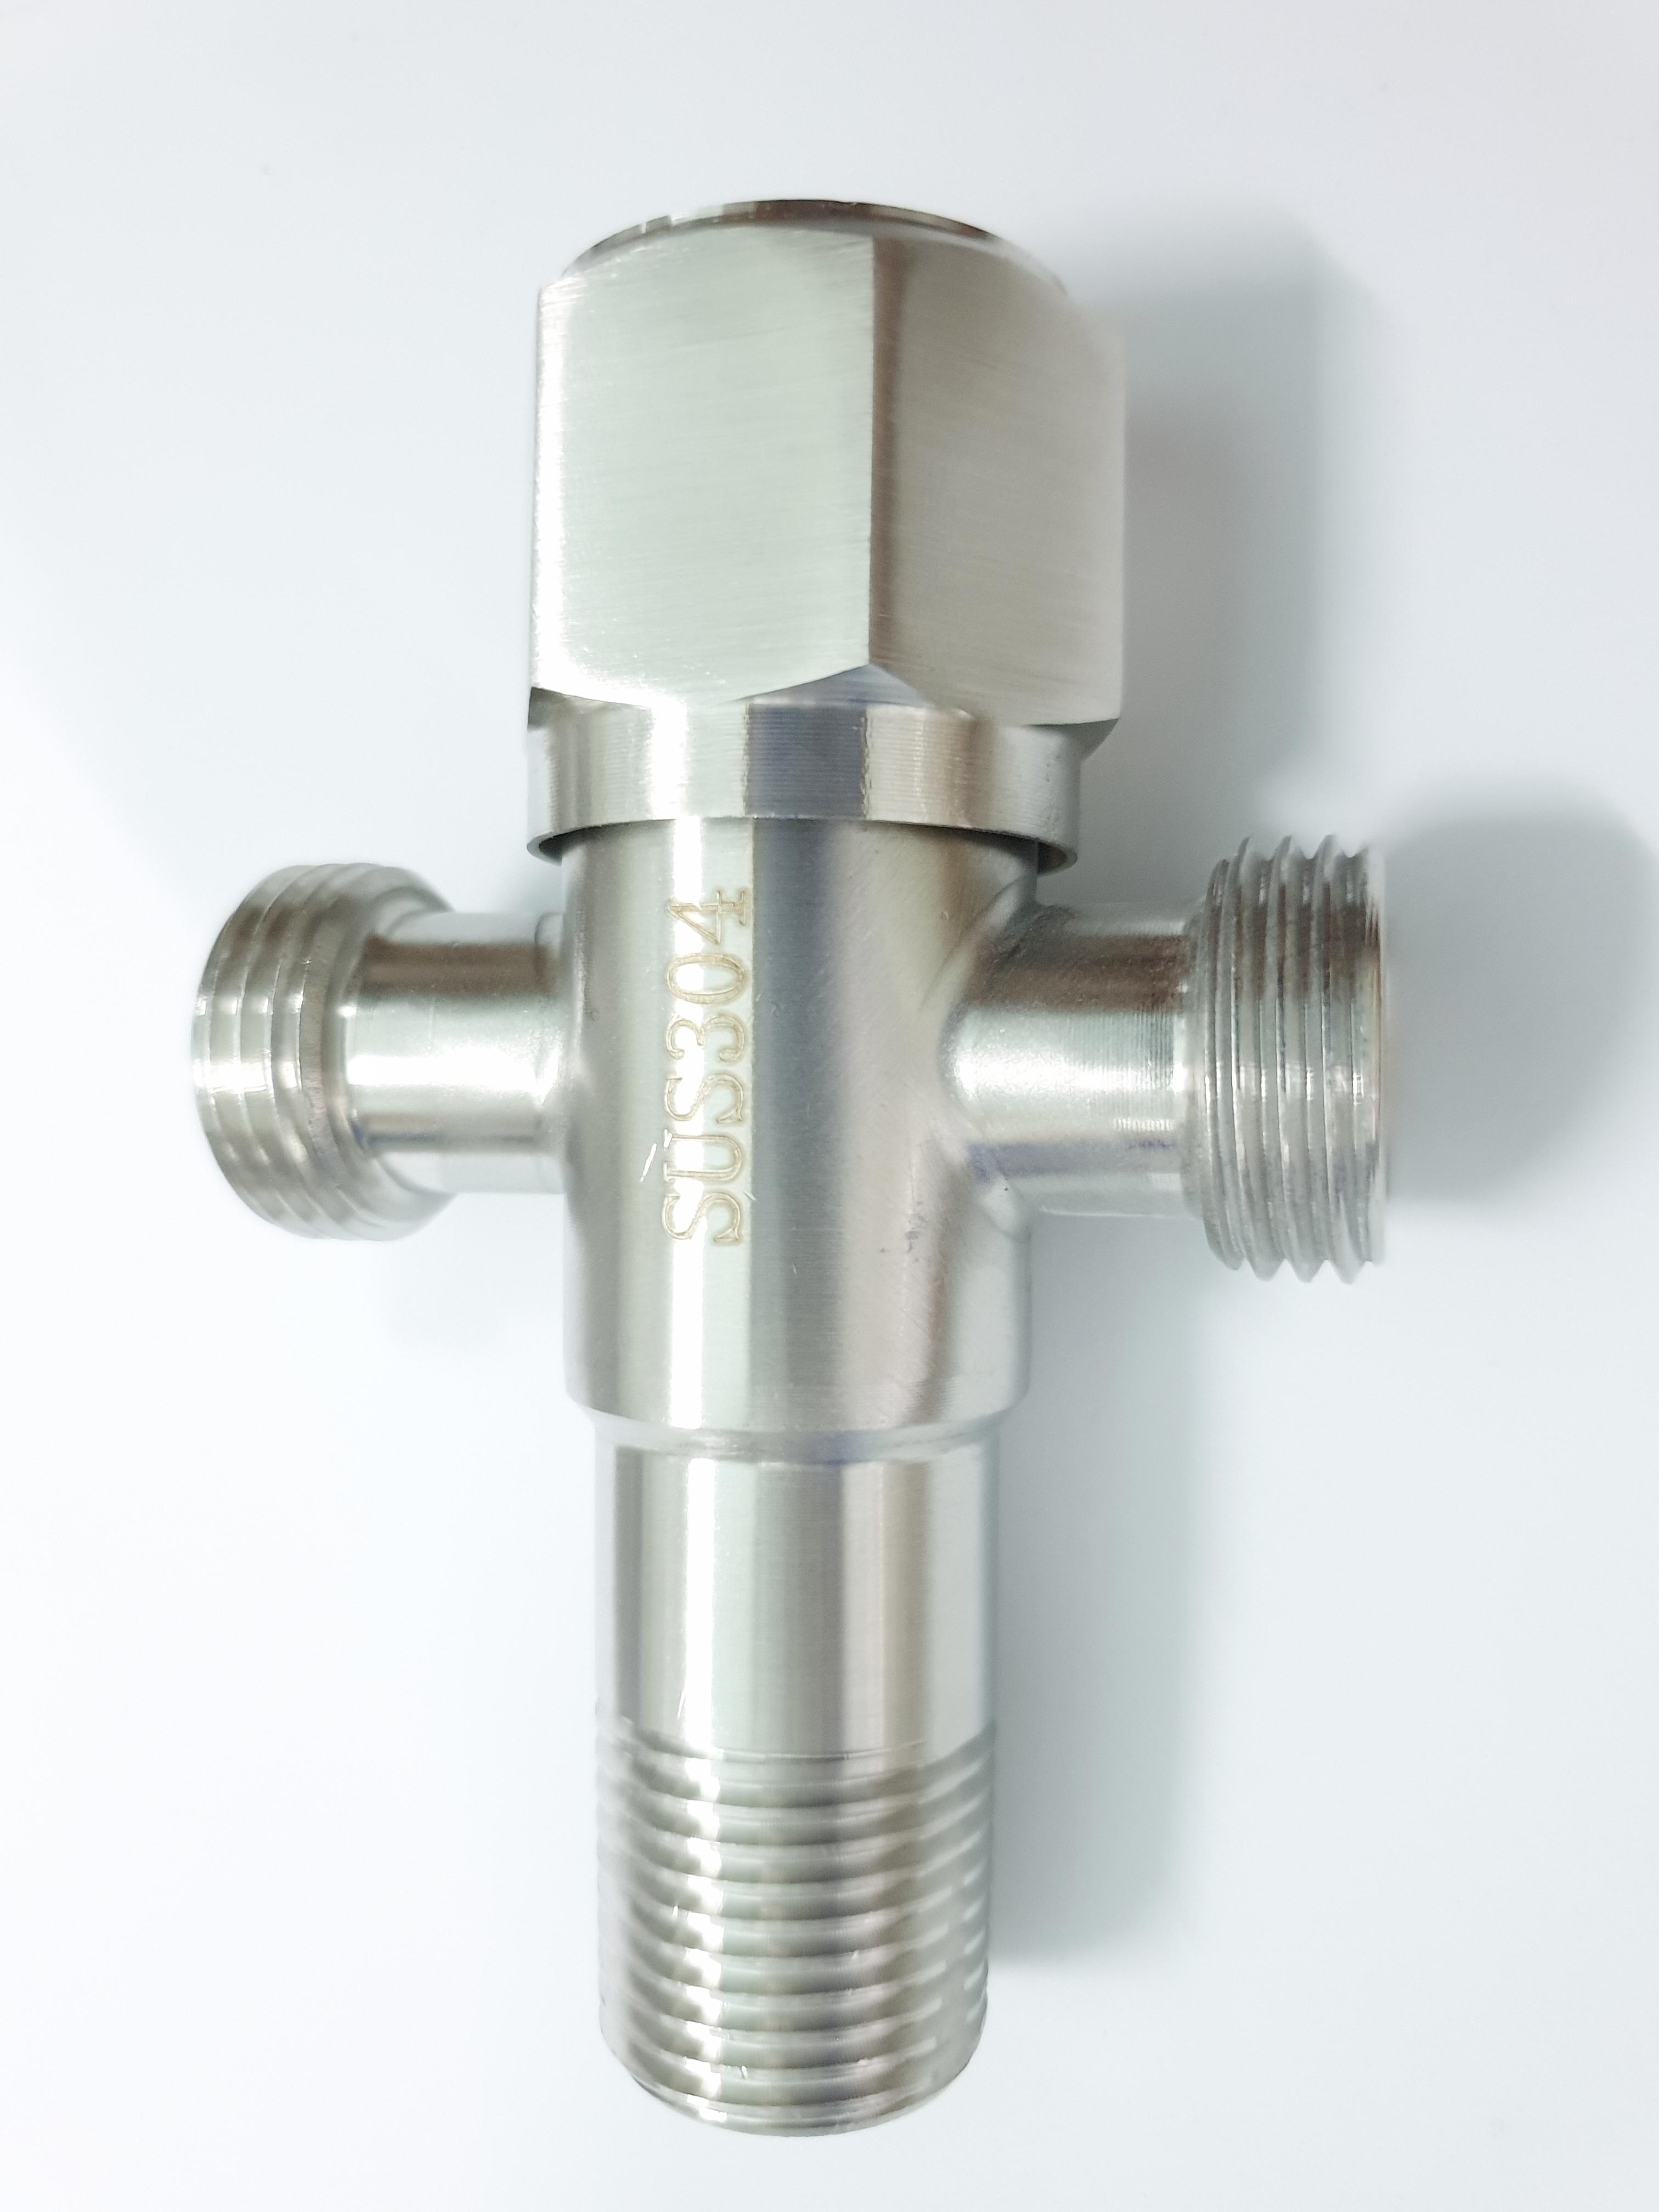 Van giảm áp_ T cầu Inox SUS 304 _ Van chia giảm áp lực nước _ Van T chia giảm áp và khóa 2 đường nước